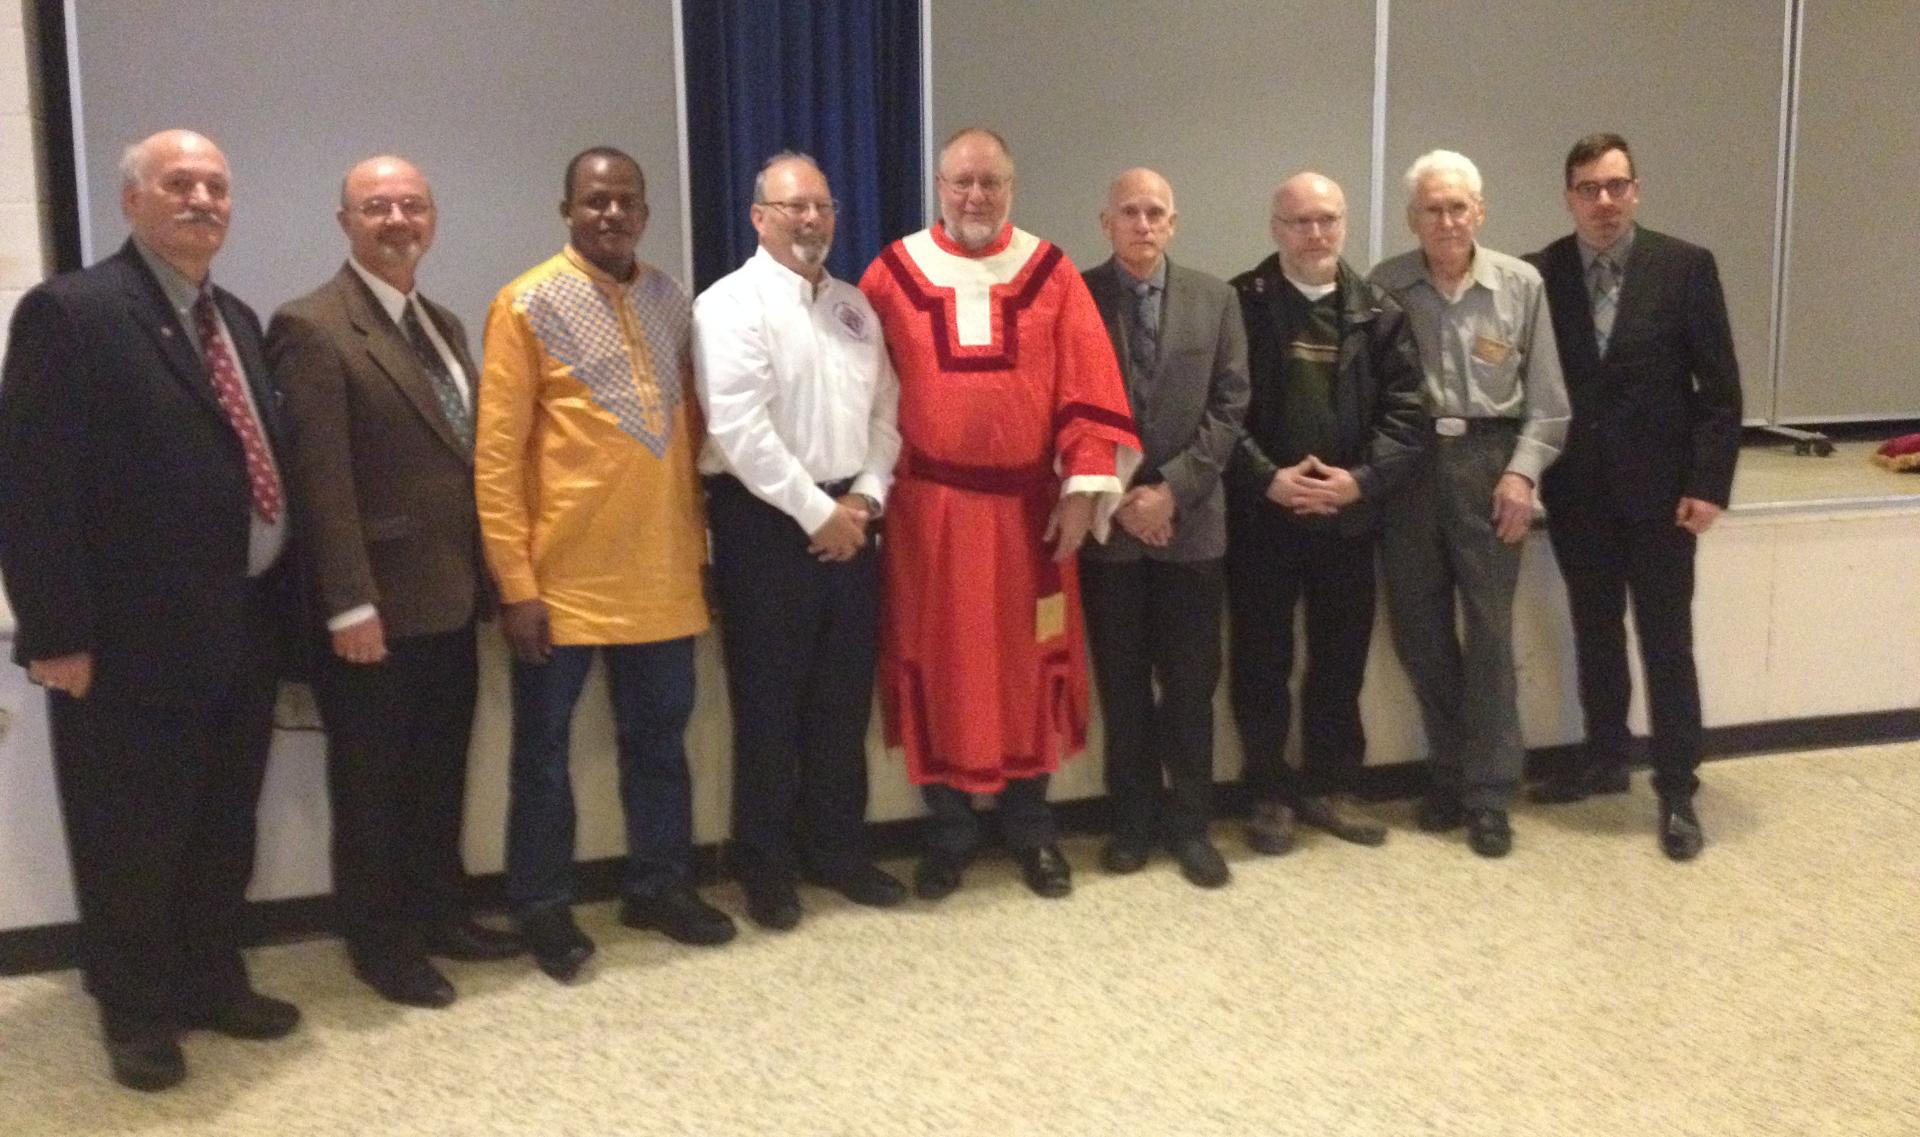 initiation au 3e degré des Chevaliers de Colomb le 1er mai 2016.  Nous avions 6  nouveaux membres (un absent sur la photo).